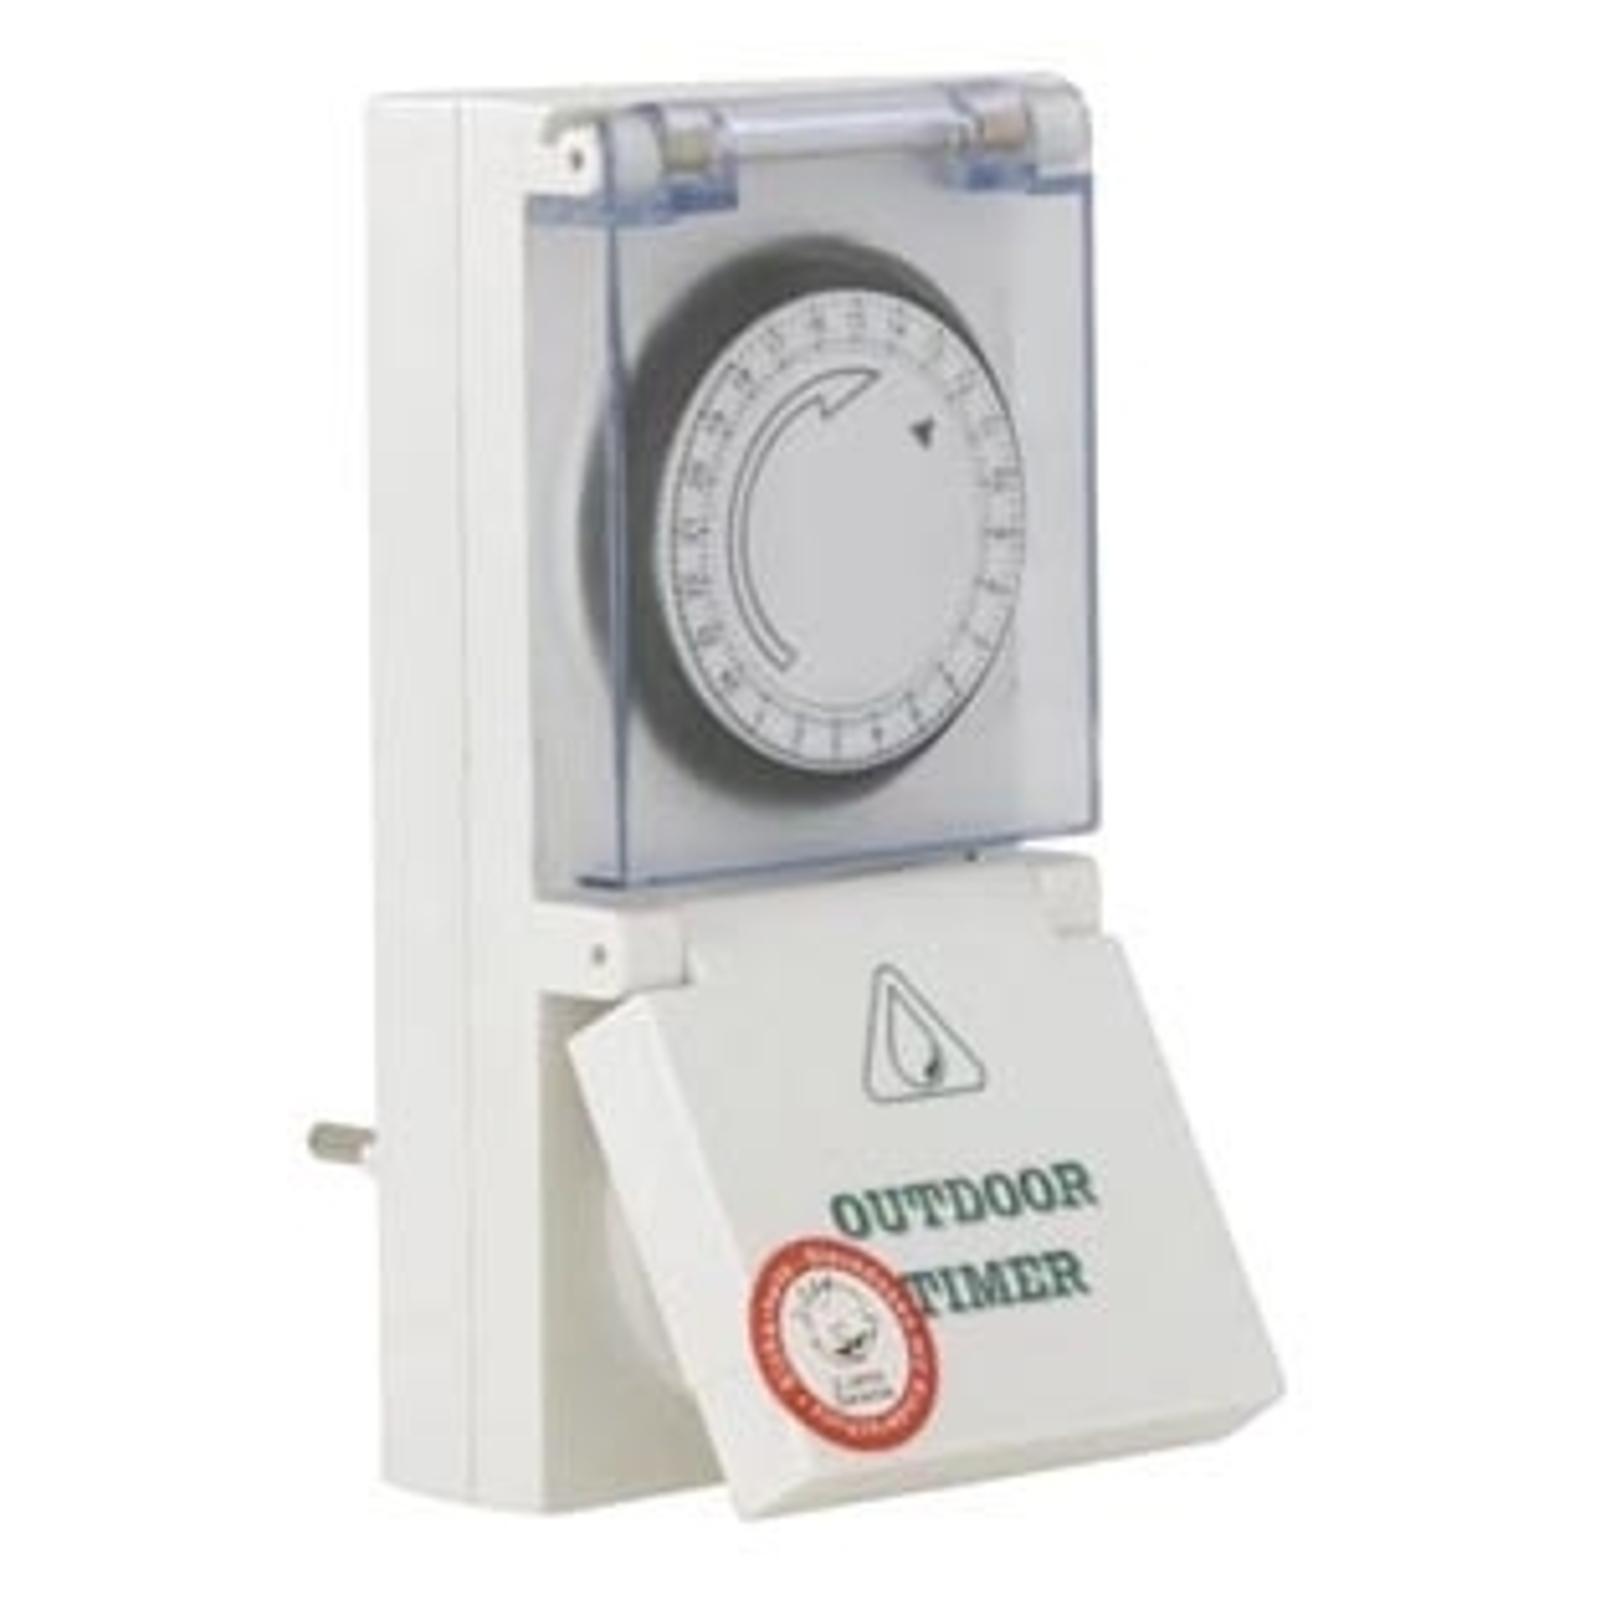 Stikdåse tænd-og-sluk-ur til udendørs brug